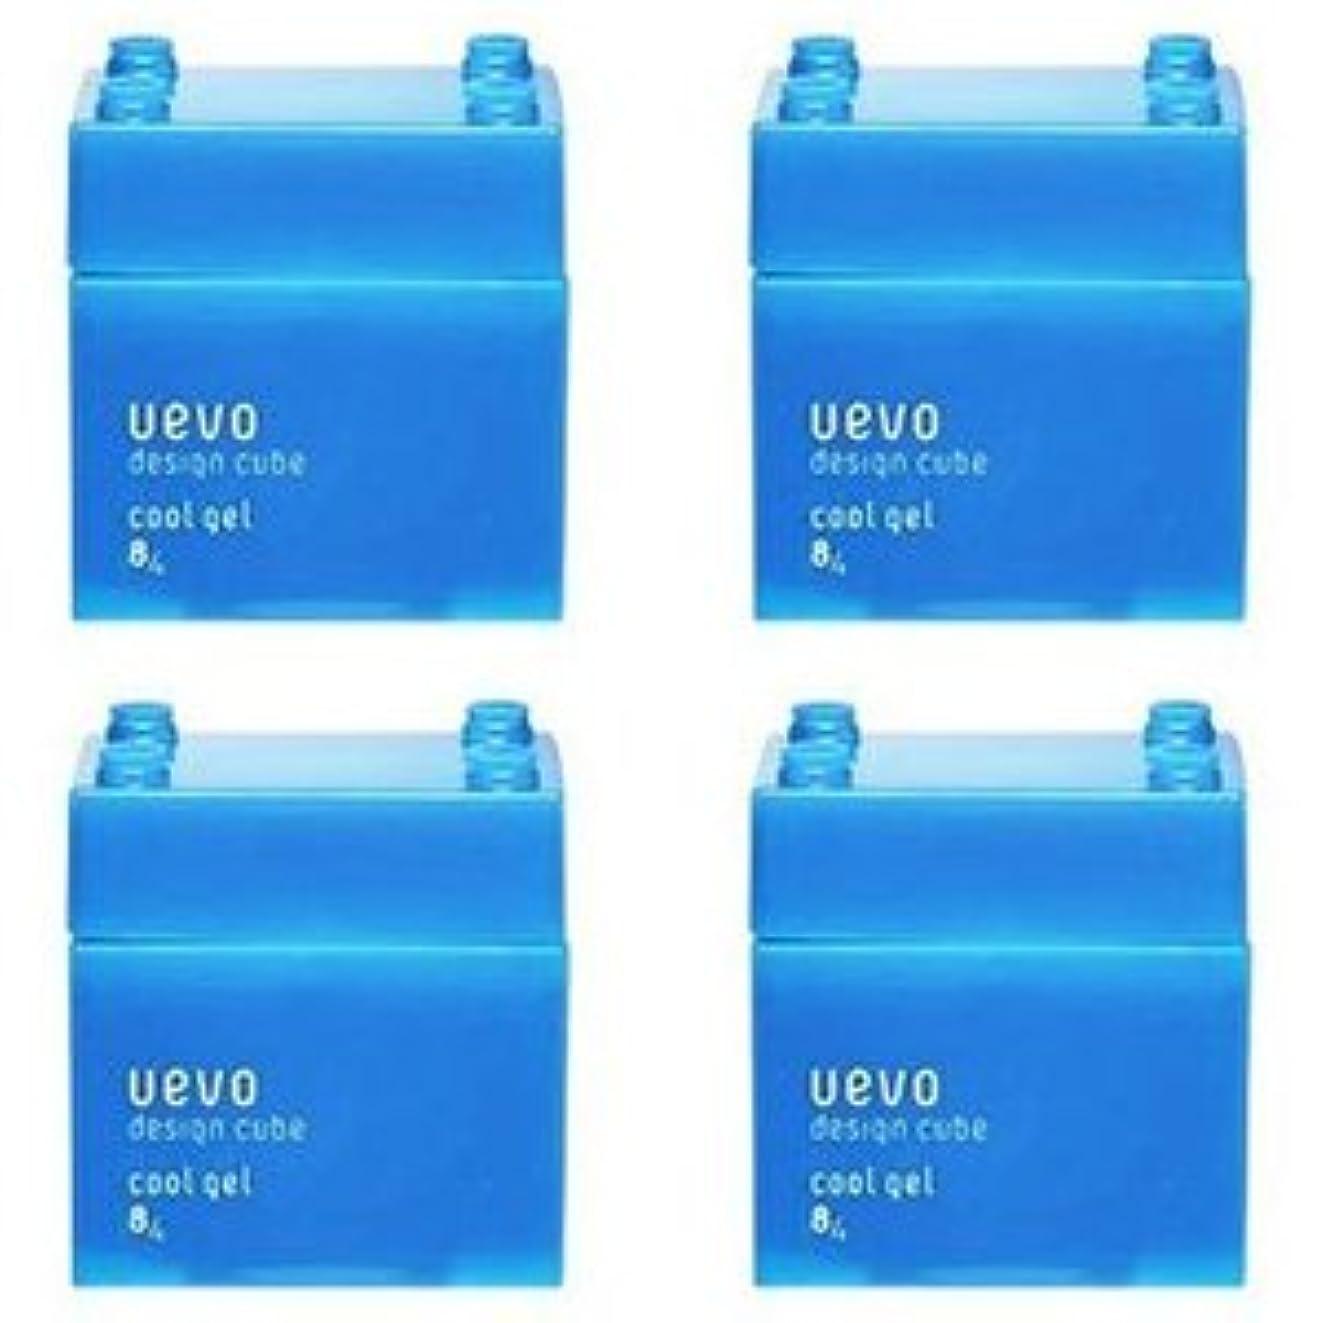 可塑性影響ゲインセイ【X4個セット】 デミ ウェーボ デザインキューブ クールジェル 80g cool gel DEMI uevo design cube